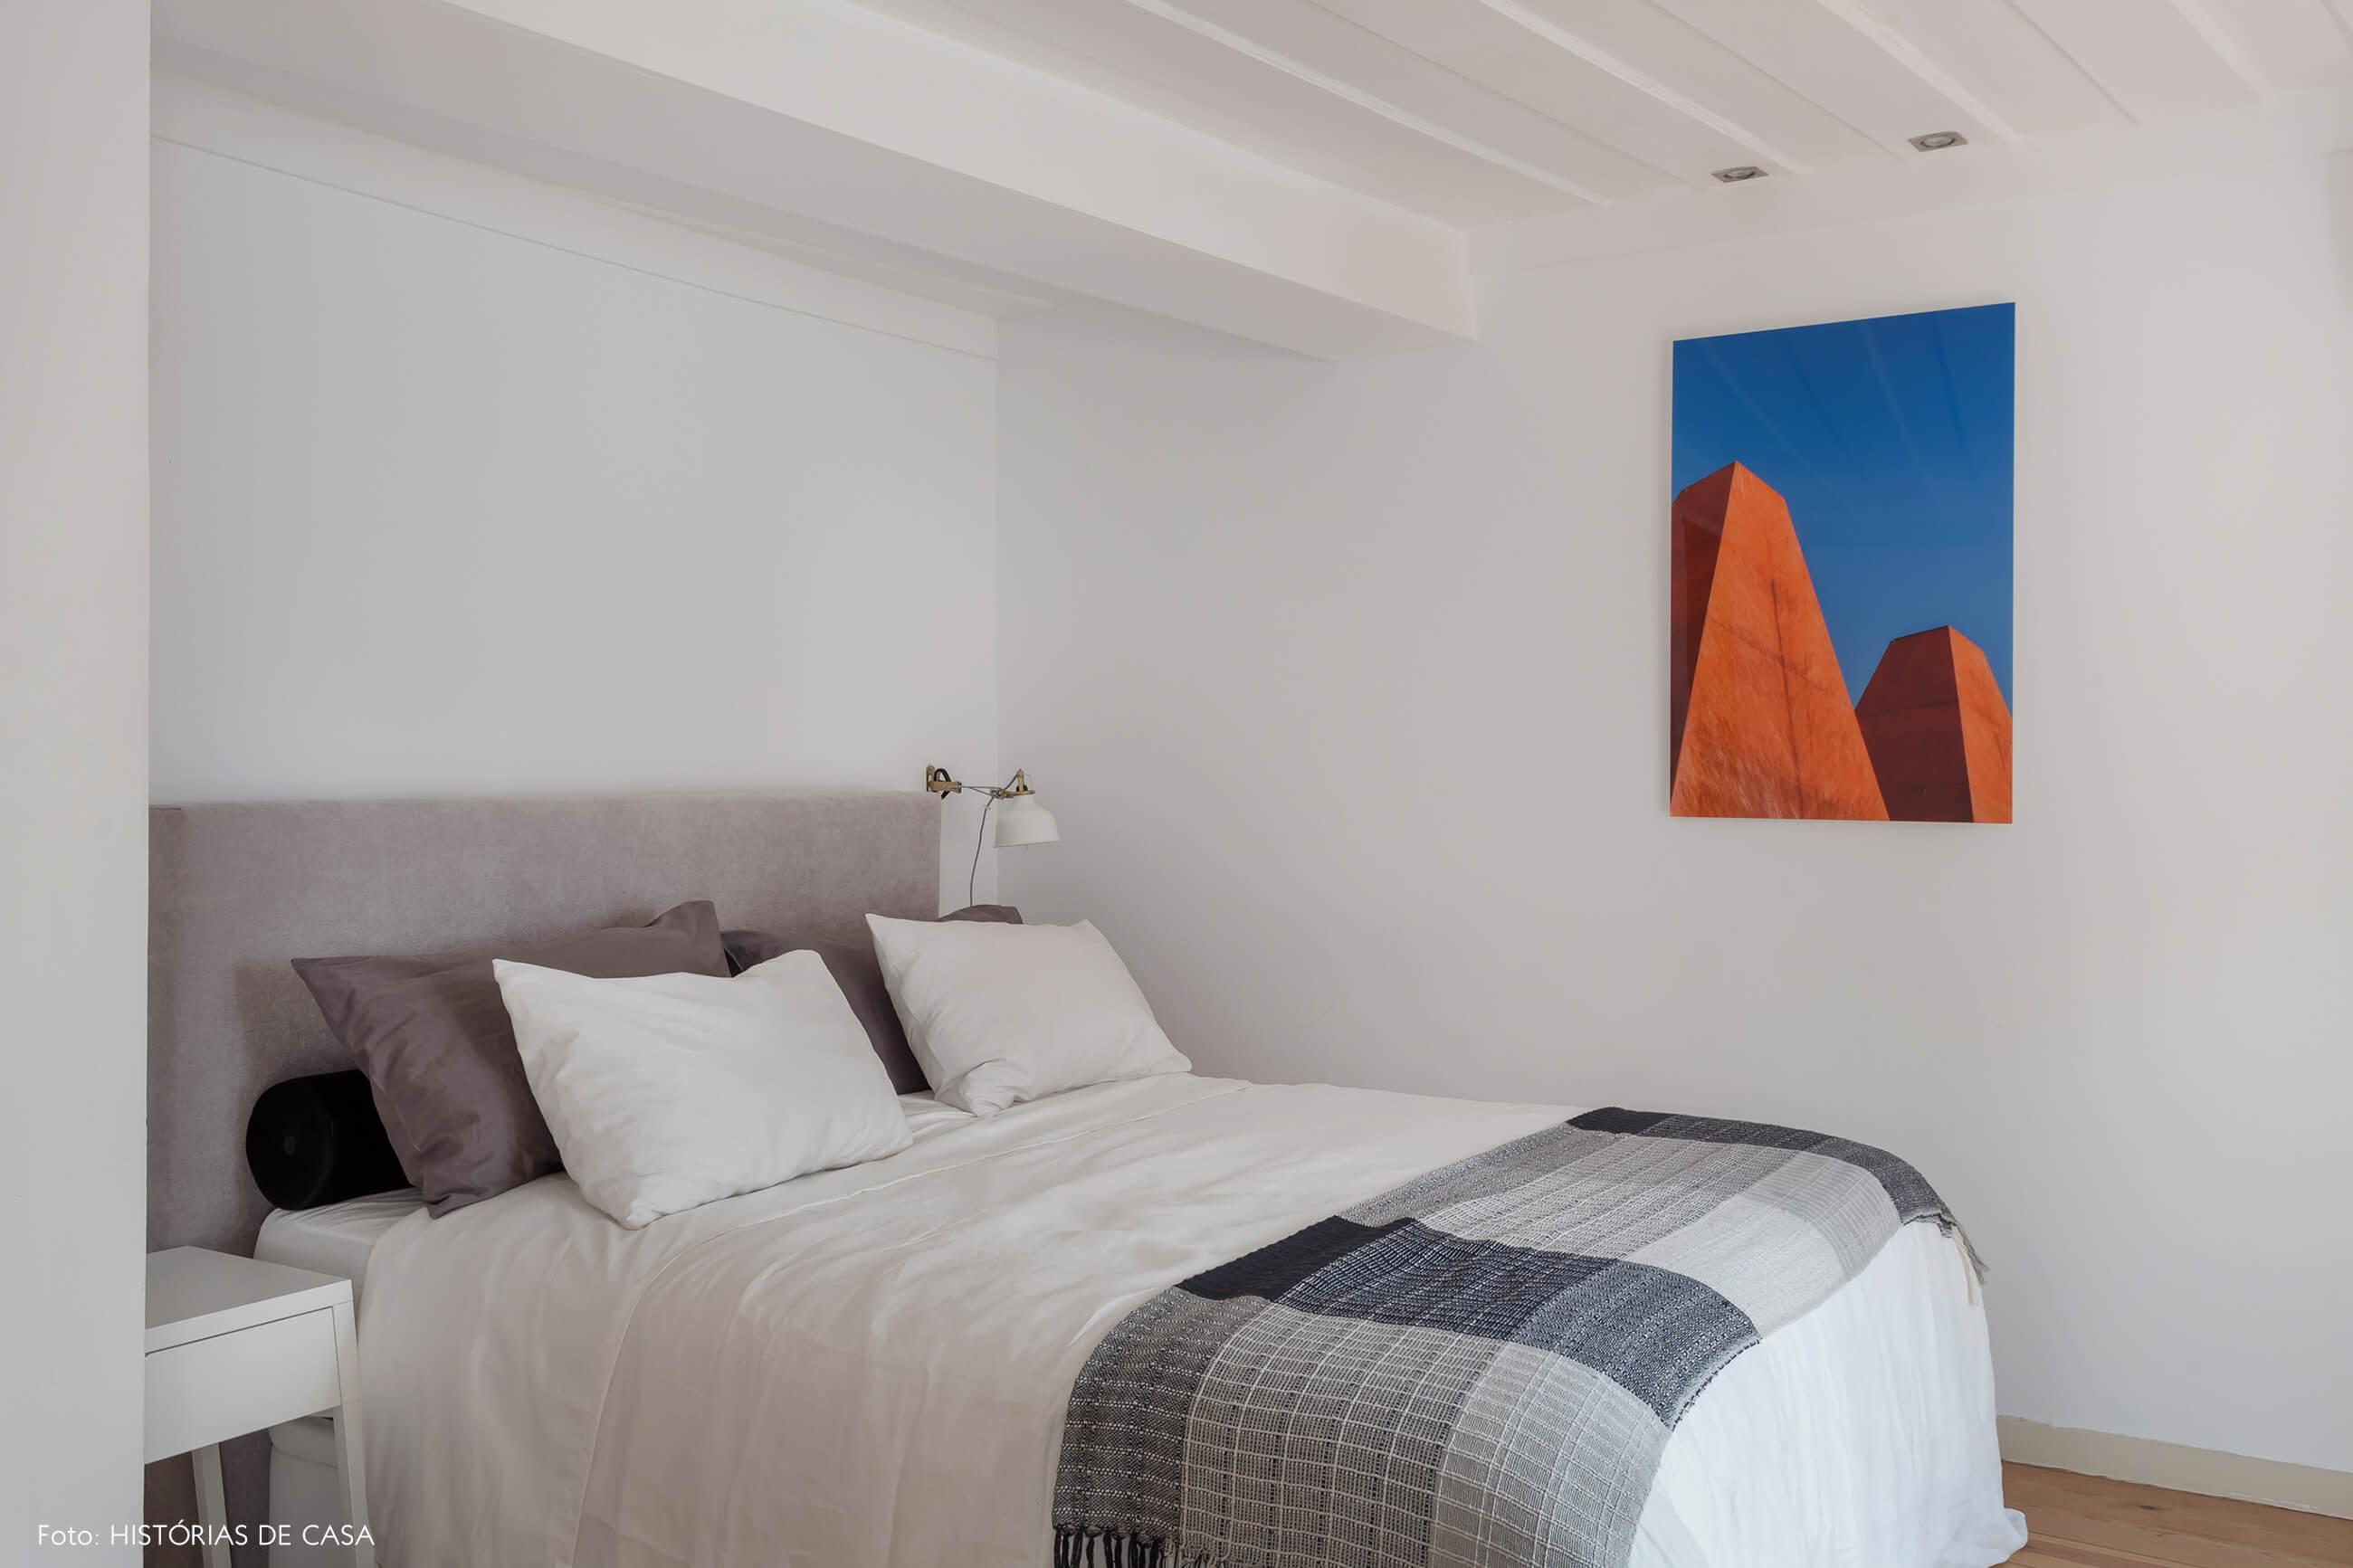 Apartamento em Lisboa com quarto branco e detalhe no teto